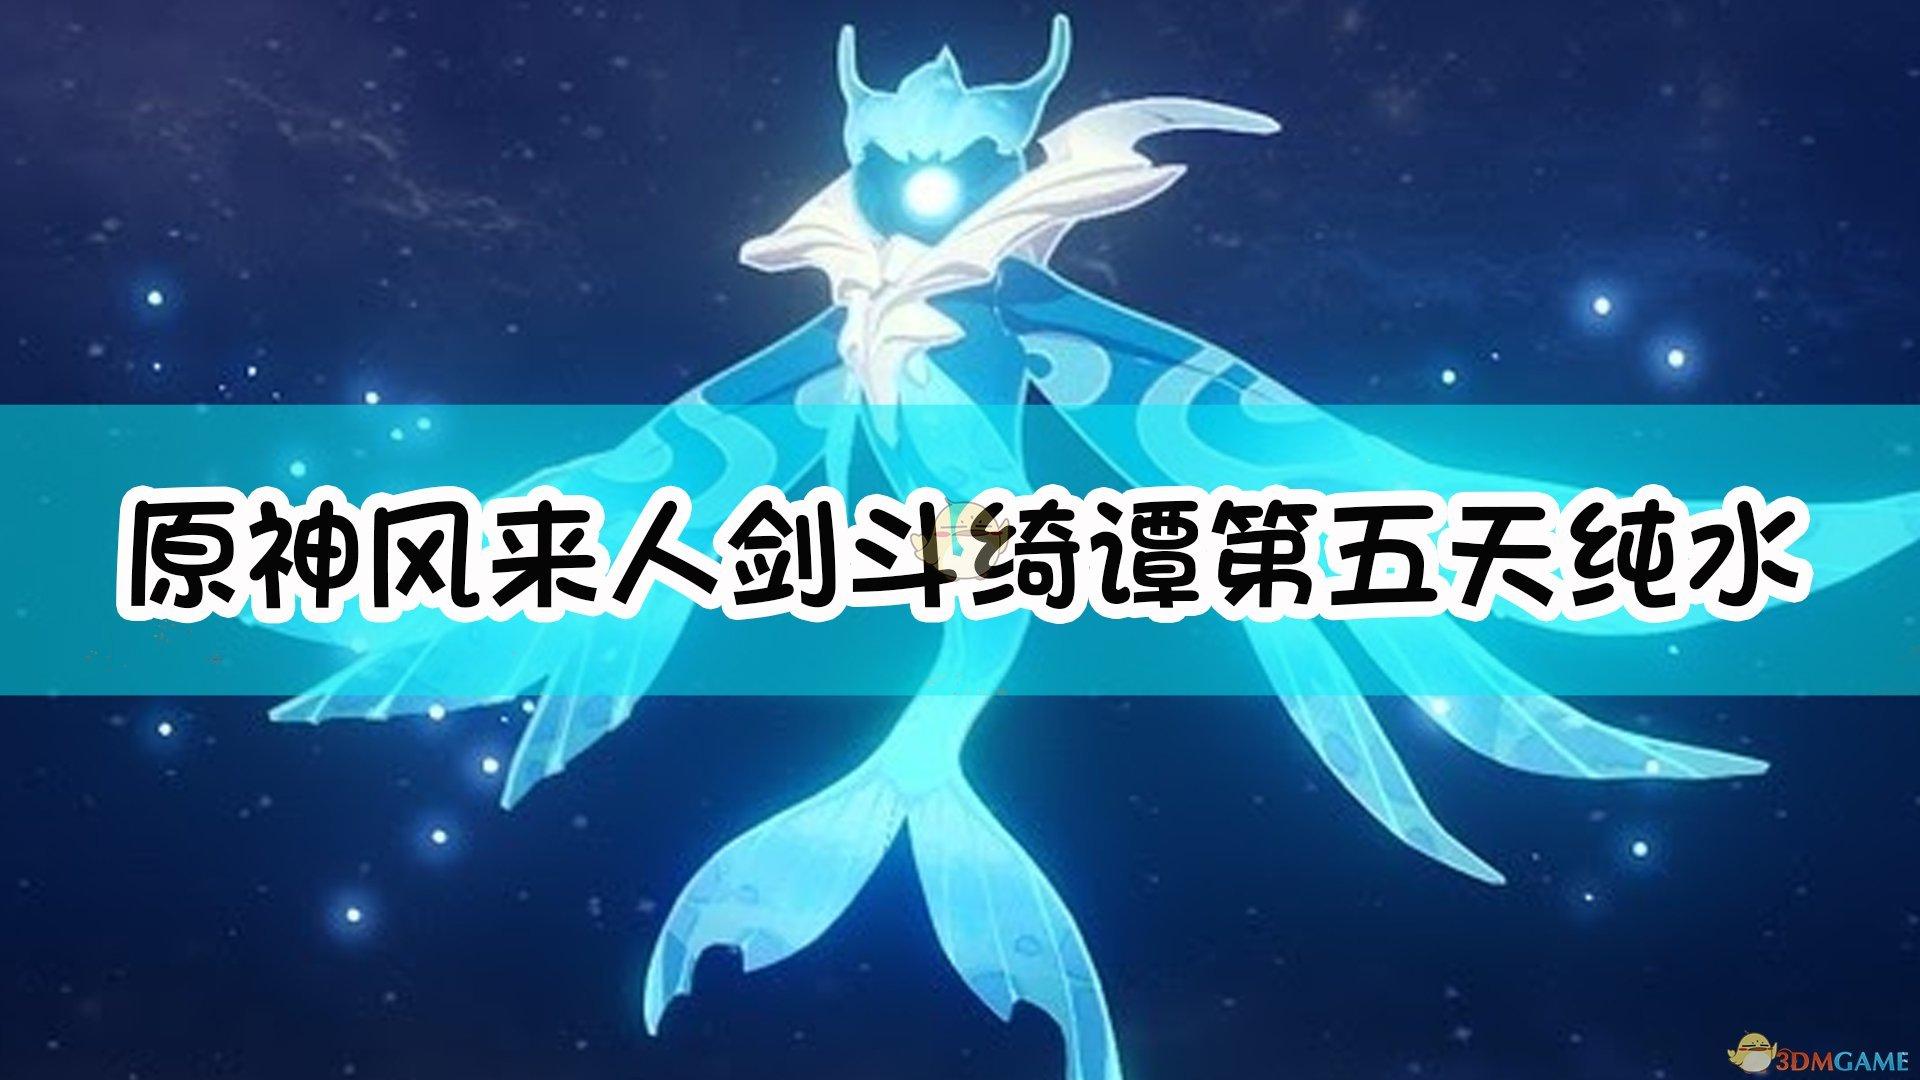 《原神》風來人劍斗綺譚第五天純水打法思路分享